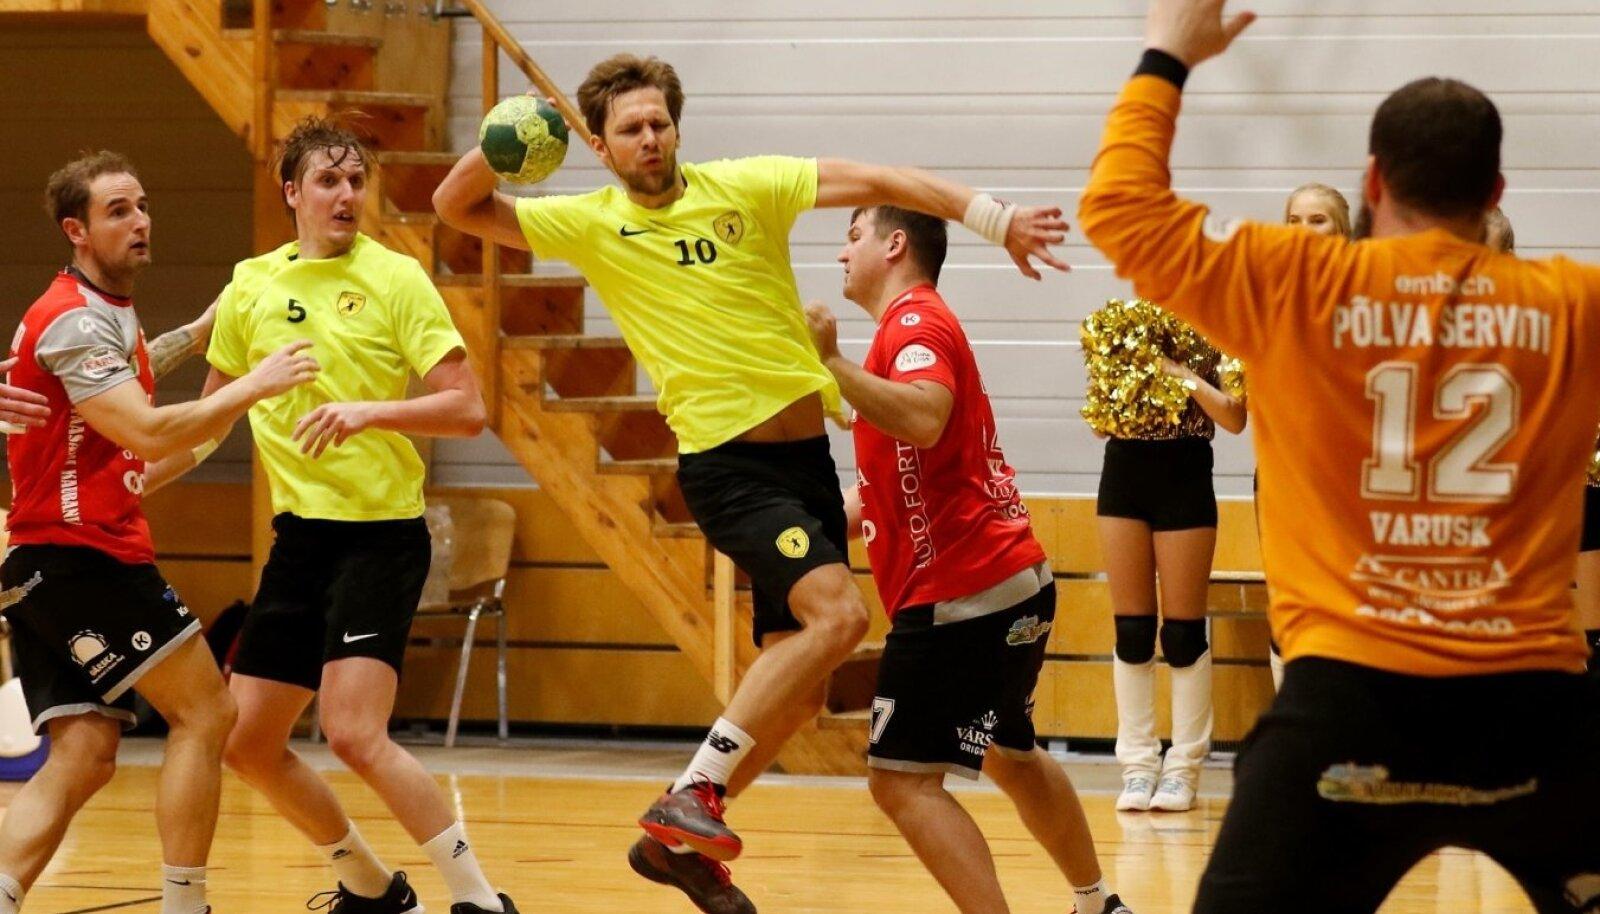 HC Tallinna mängujuht Uku-Tanel Laast viskas Põlva Serviti võrku kaheksa palli